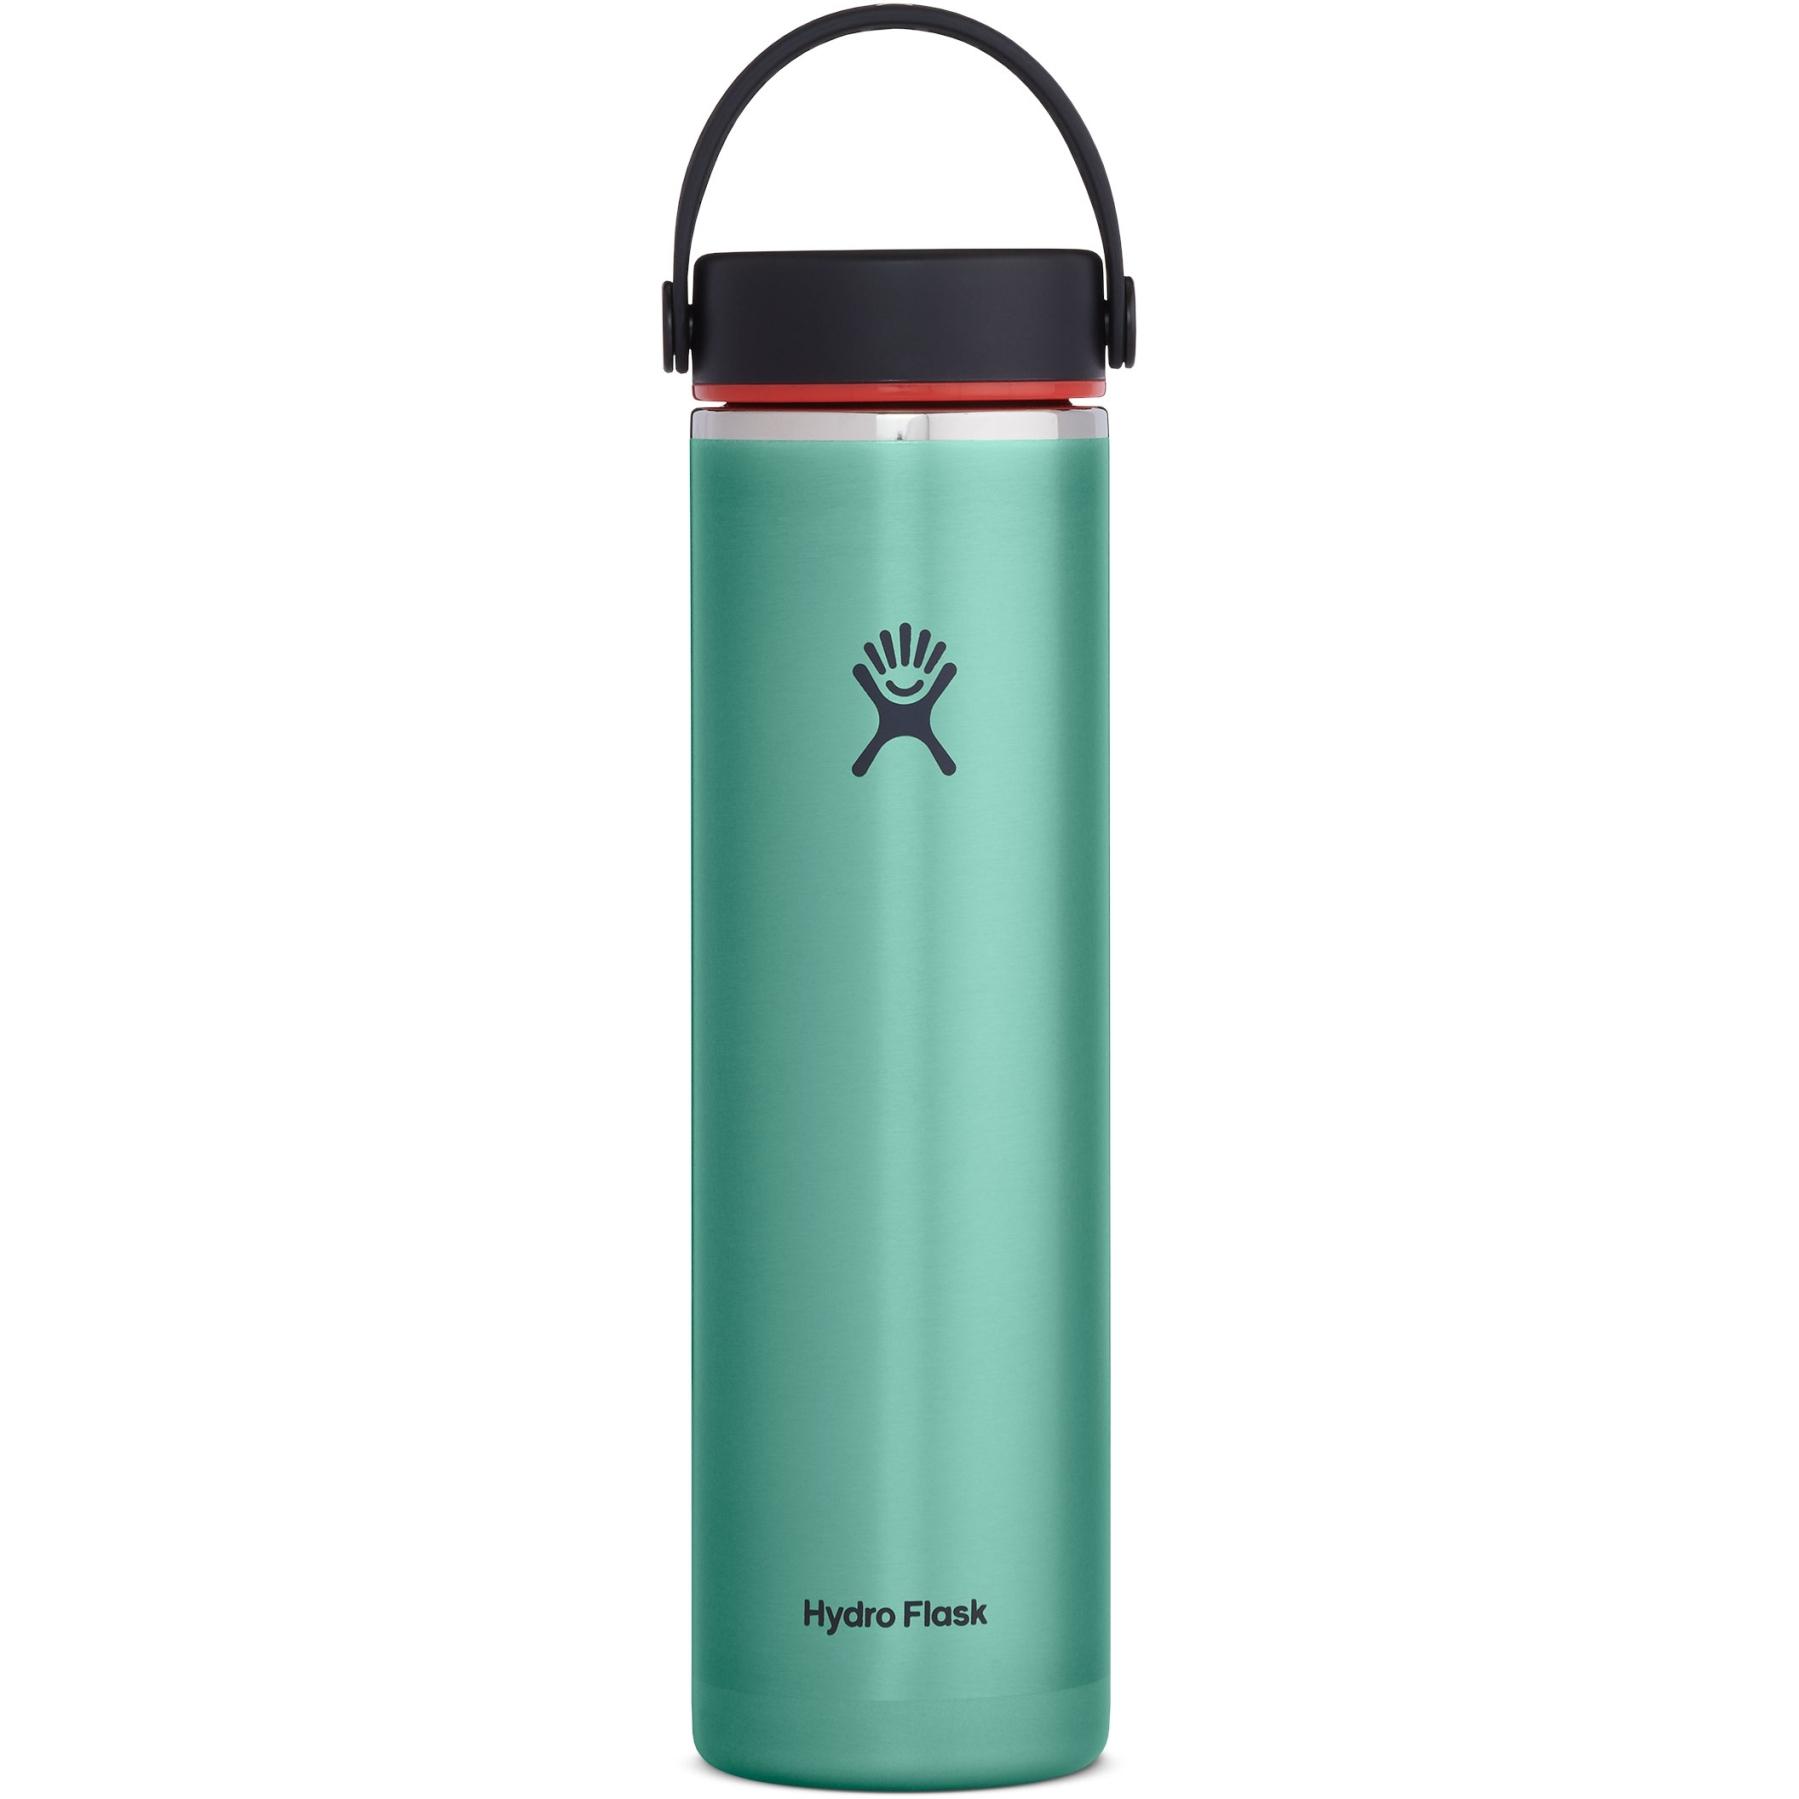 Bild von Hydro Flask 24 oz Lightweight Wide Mouth Trail Series Thermoflasche 710 ml - Topaz